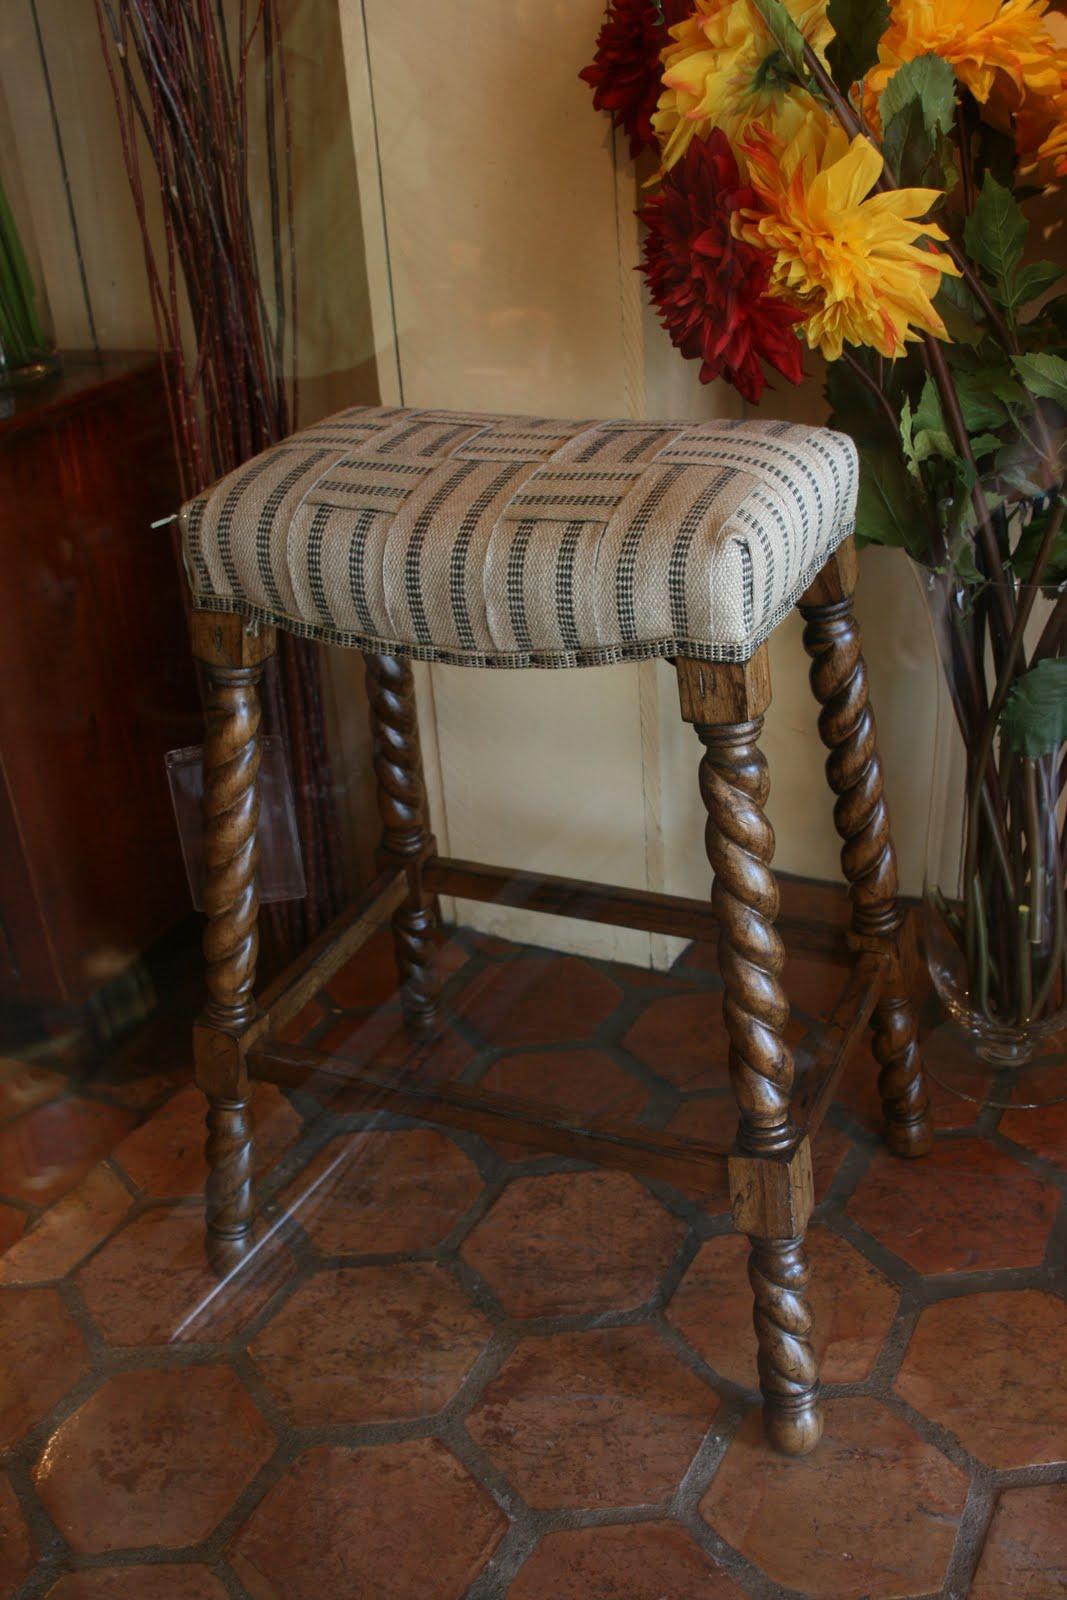 vignette design tuesday inspiration bar stools the good. Black Bedroom Furniture Sets. Home Design Ideas